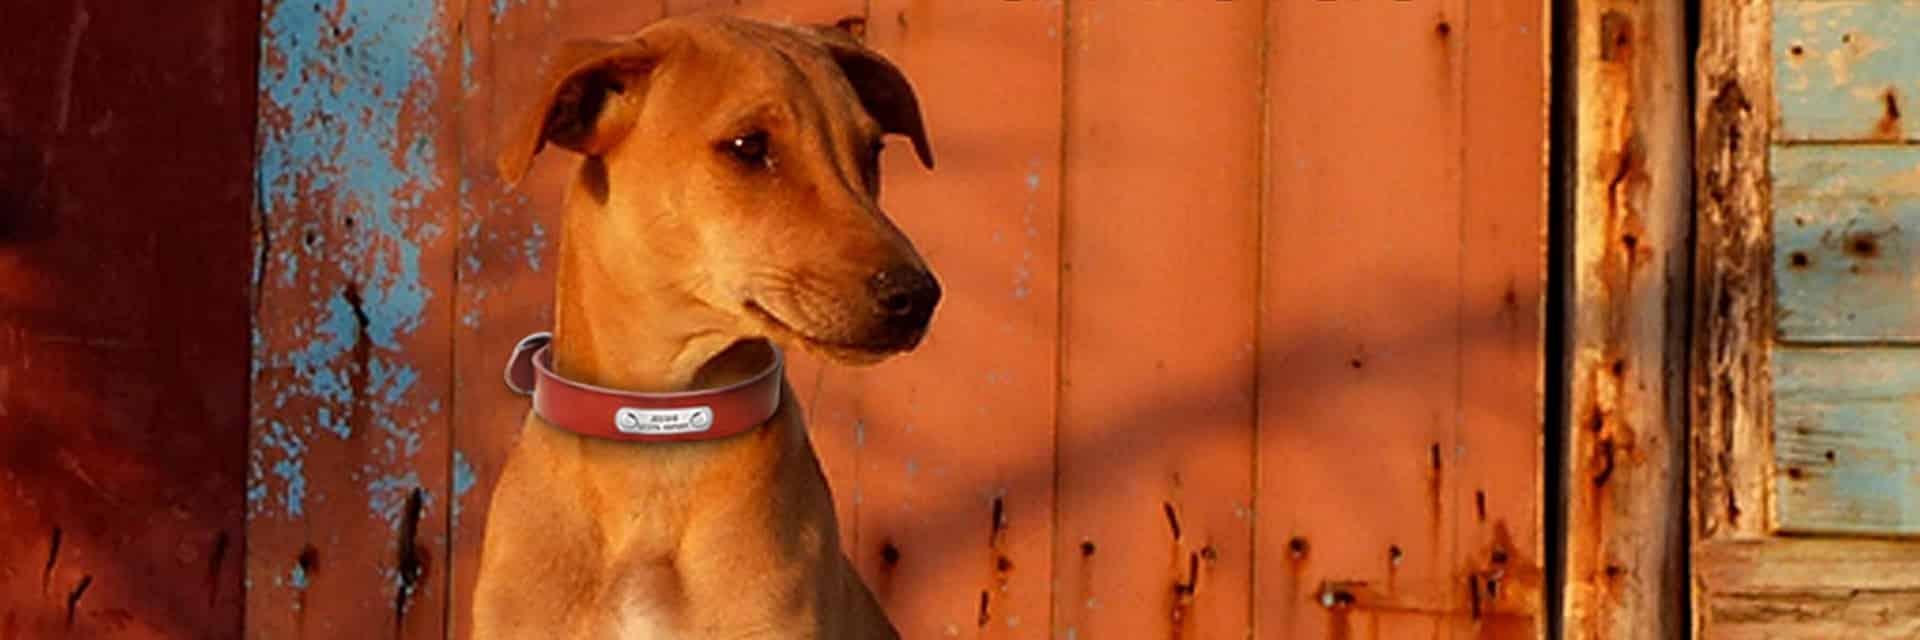 halsband met naam en telefoonnummer 10 - Halsband hond met naam en telefoonnummer van leer